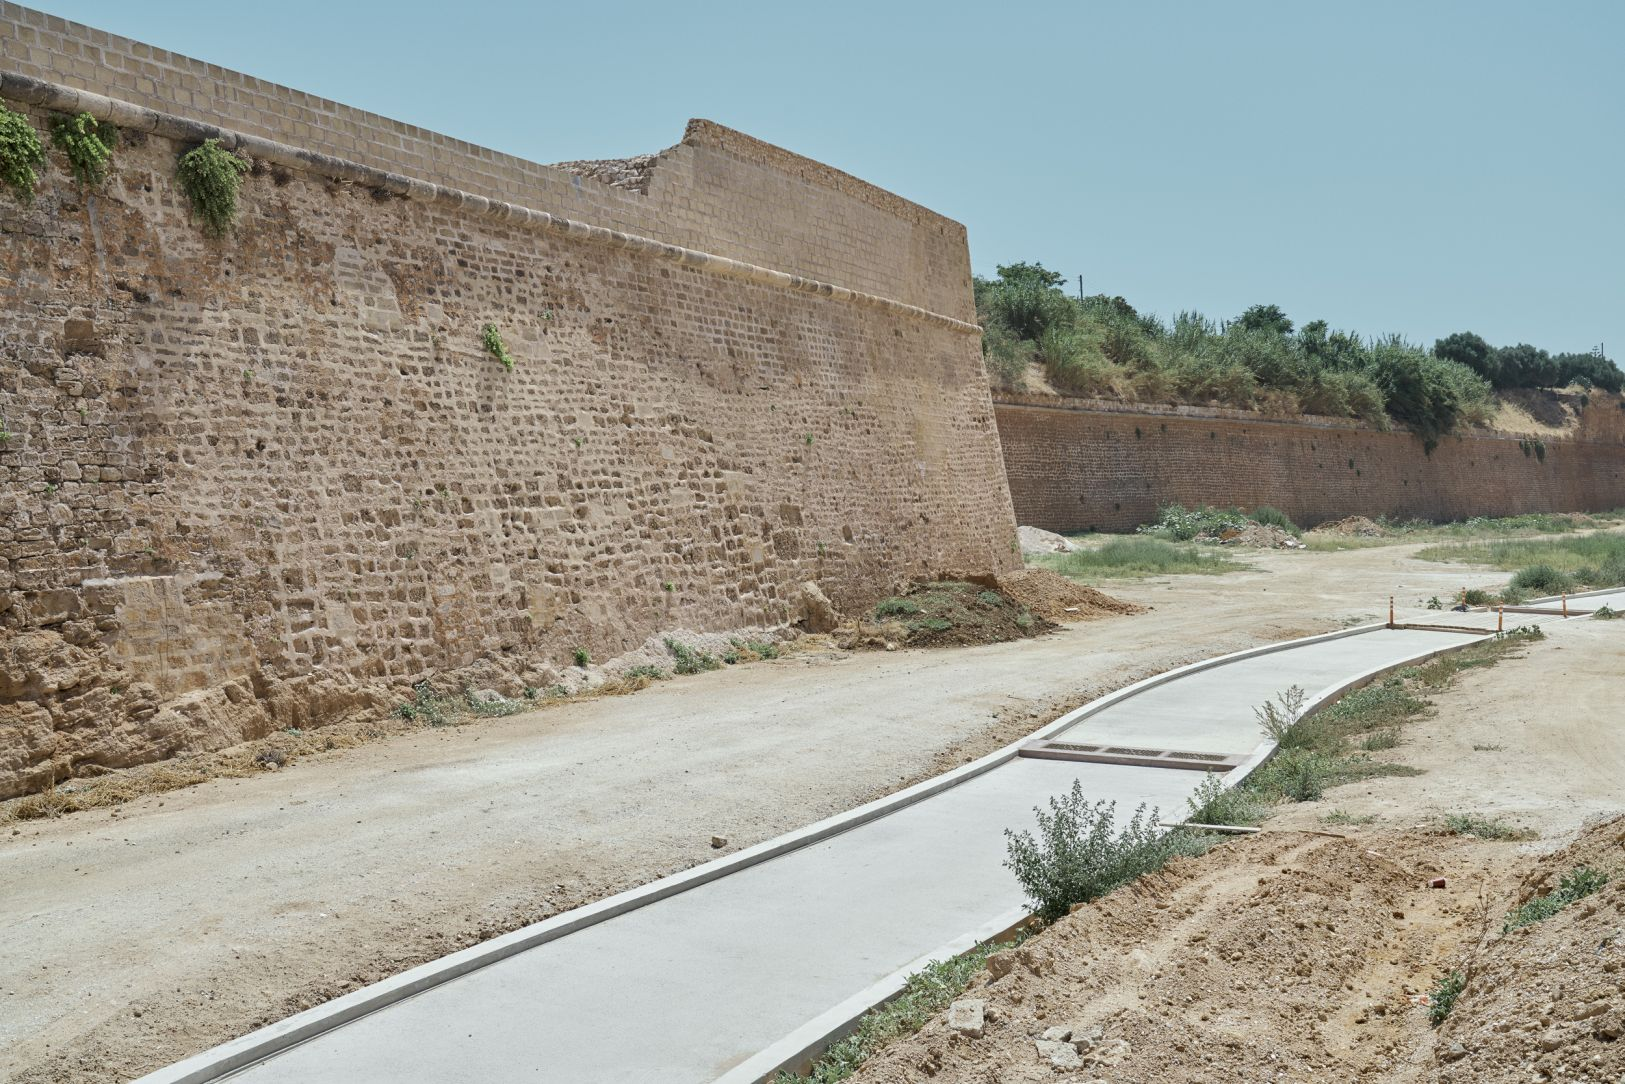 Muralla veneciana (2019) - Iván Cáceres Sánchez